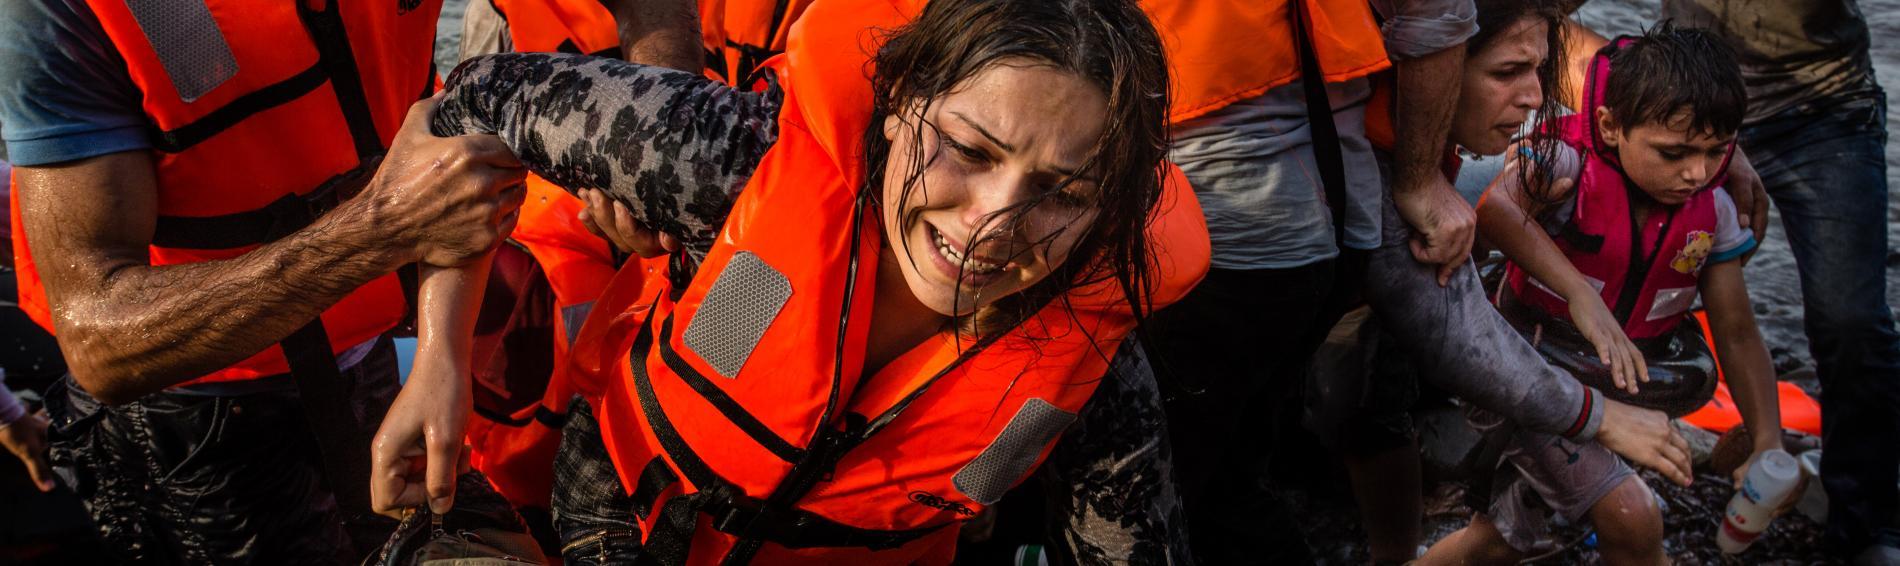 Bootsflüchtlinge kommen auf griechischen Insel Lesbos an. Foto: Kristof Vadino